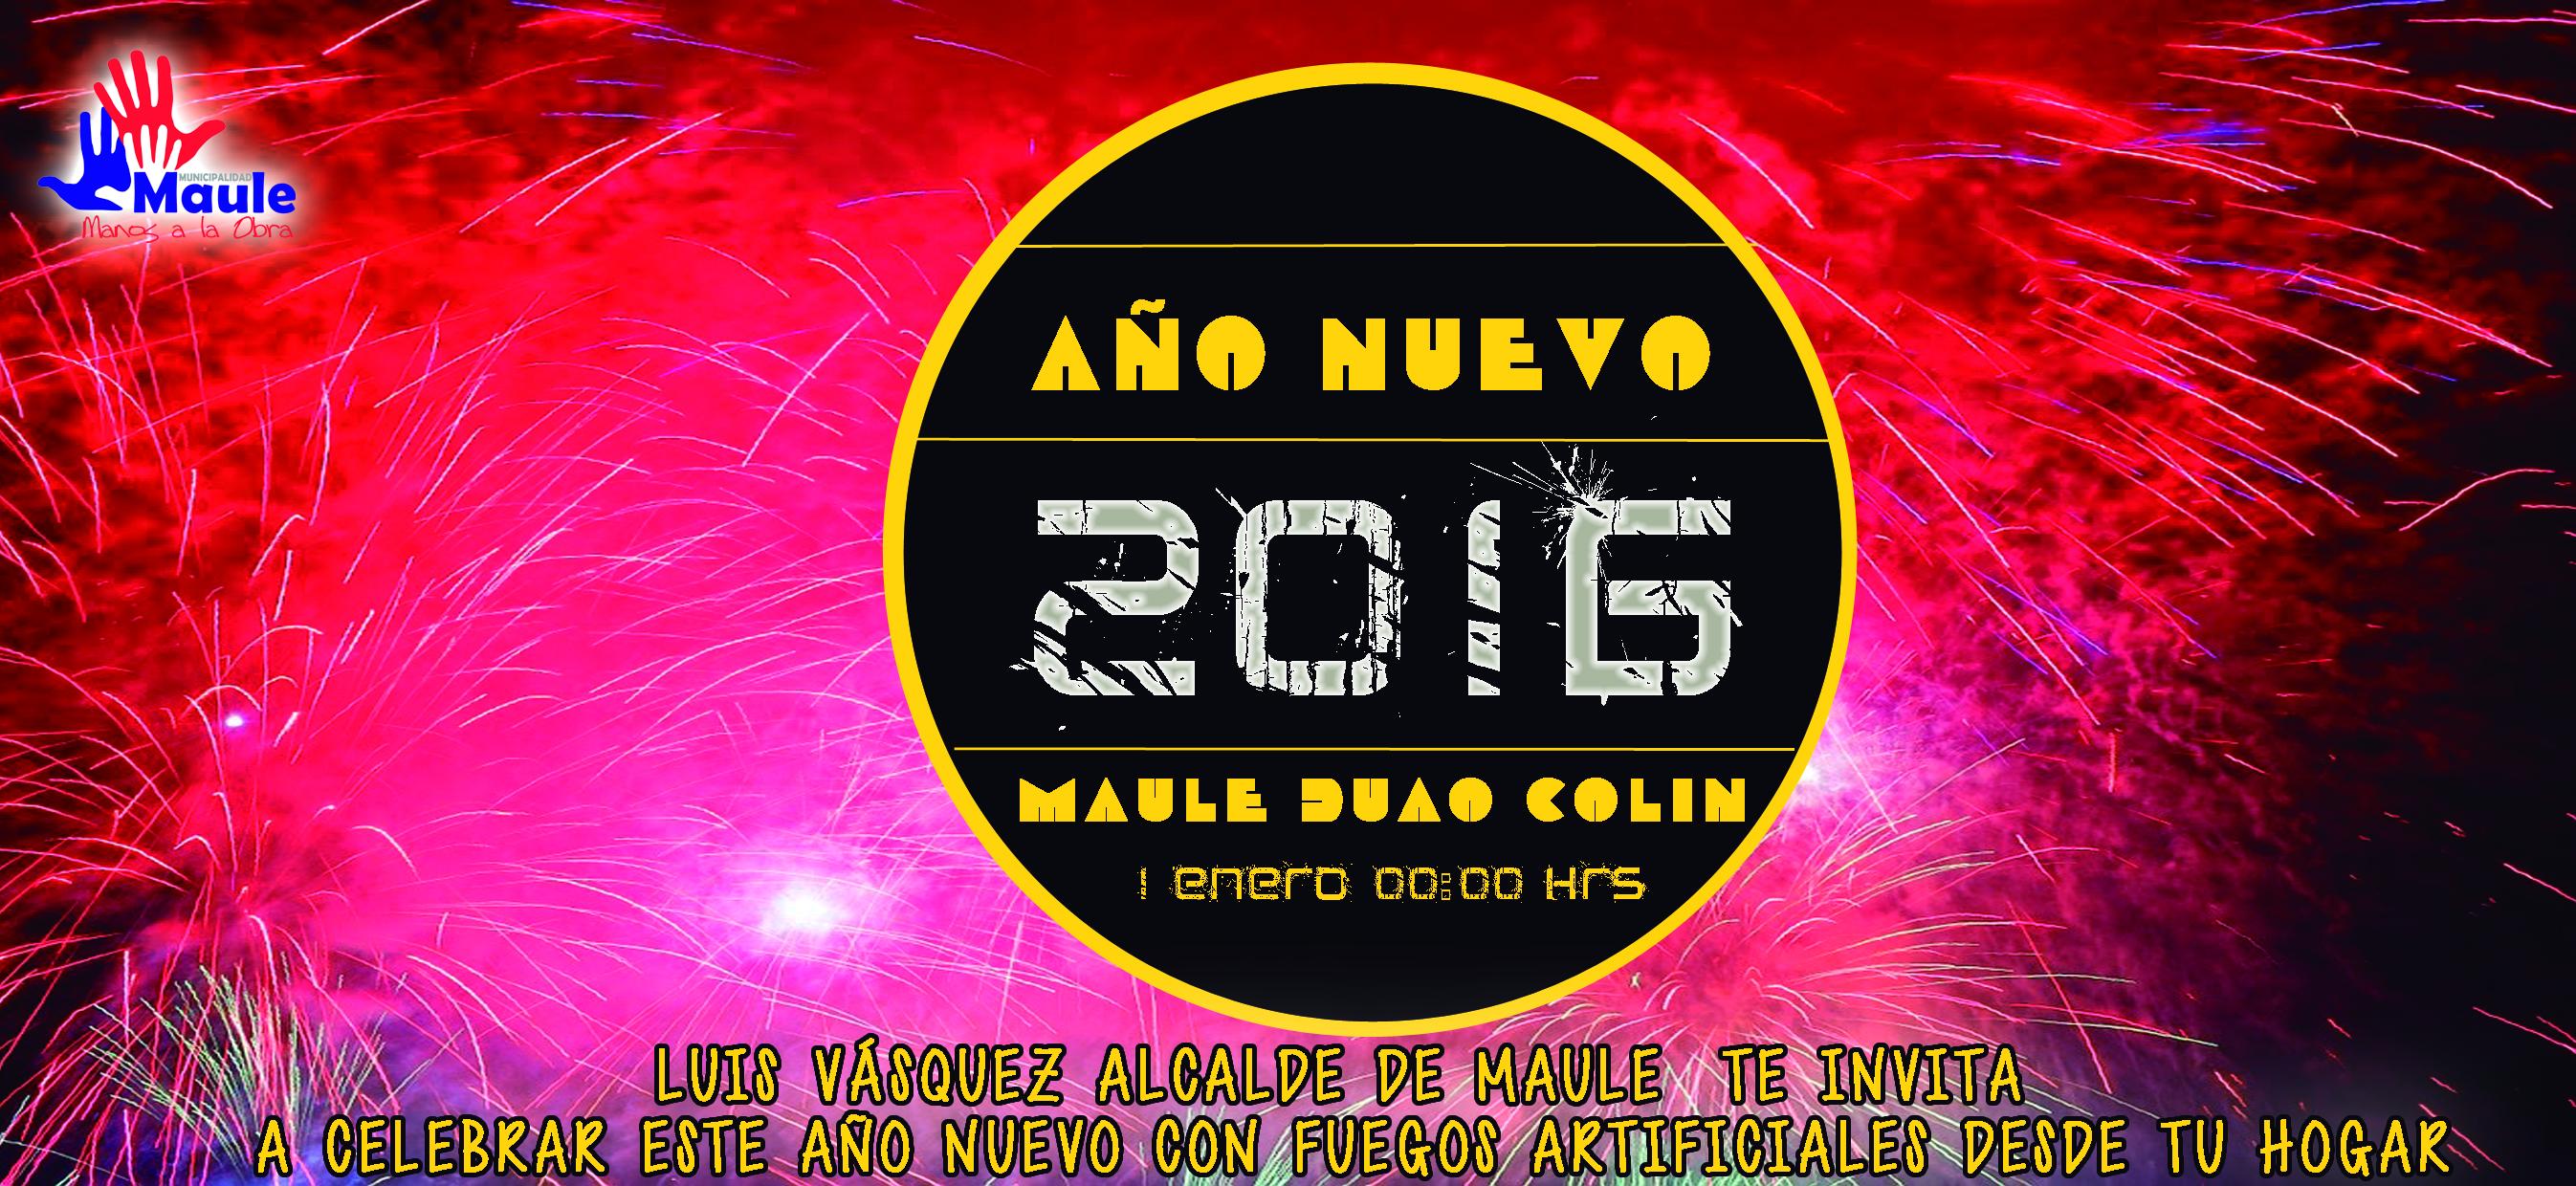 Maule recibirá 2016 con 3 show pirotécnicos